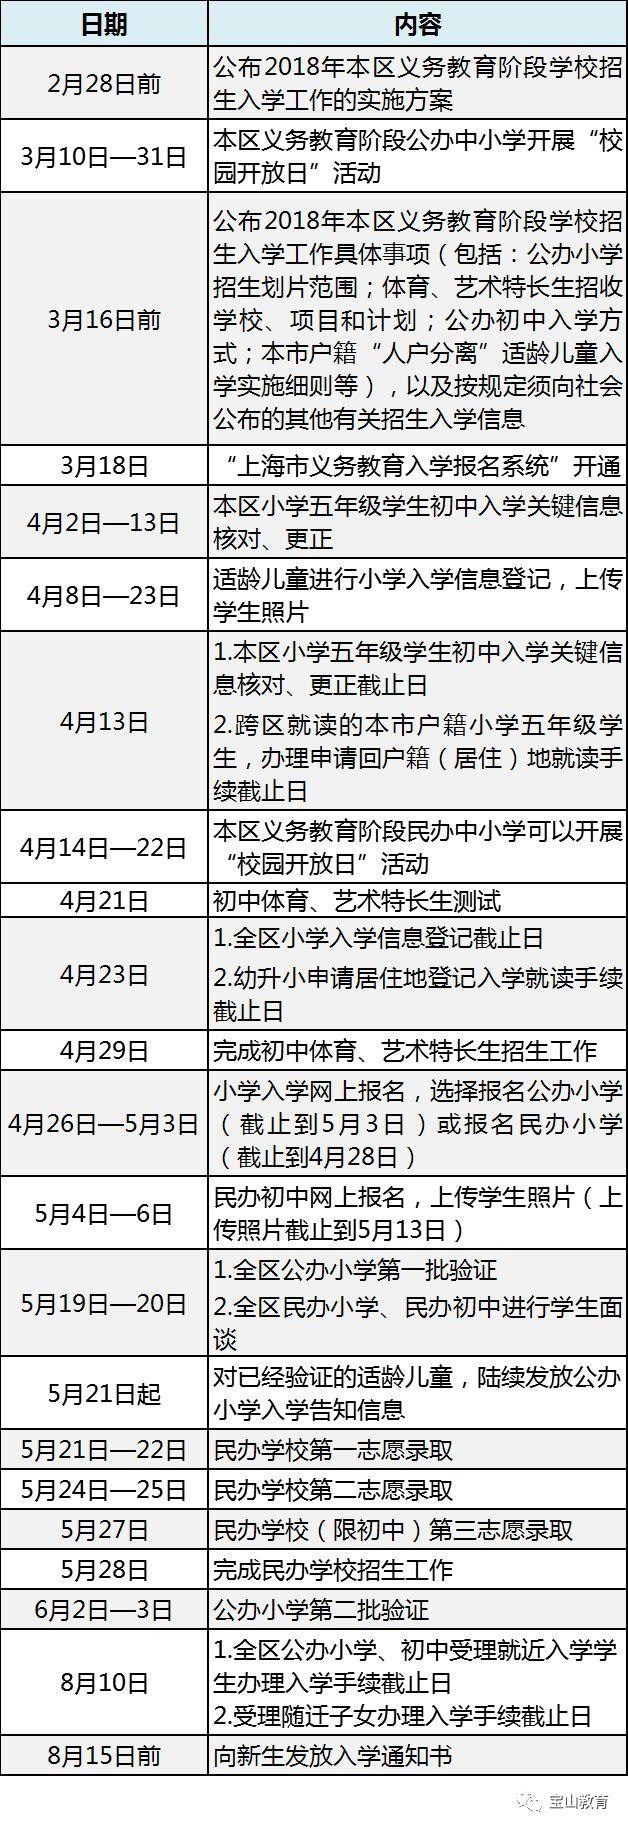 2018年上海市宝山区六年级招生入学工作日程安排